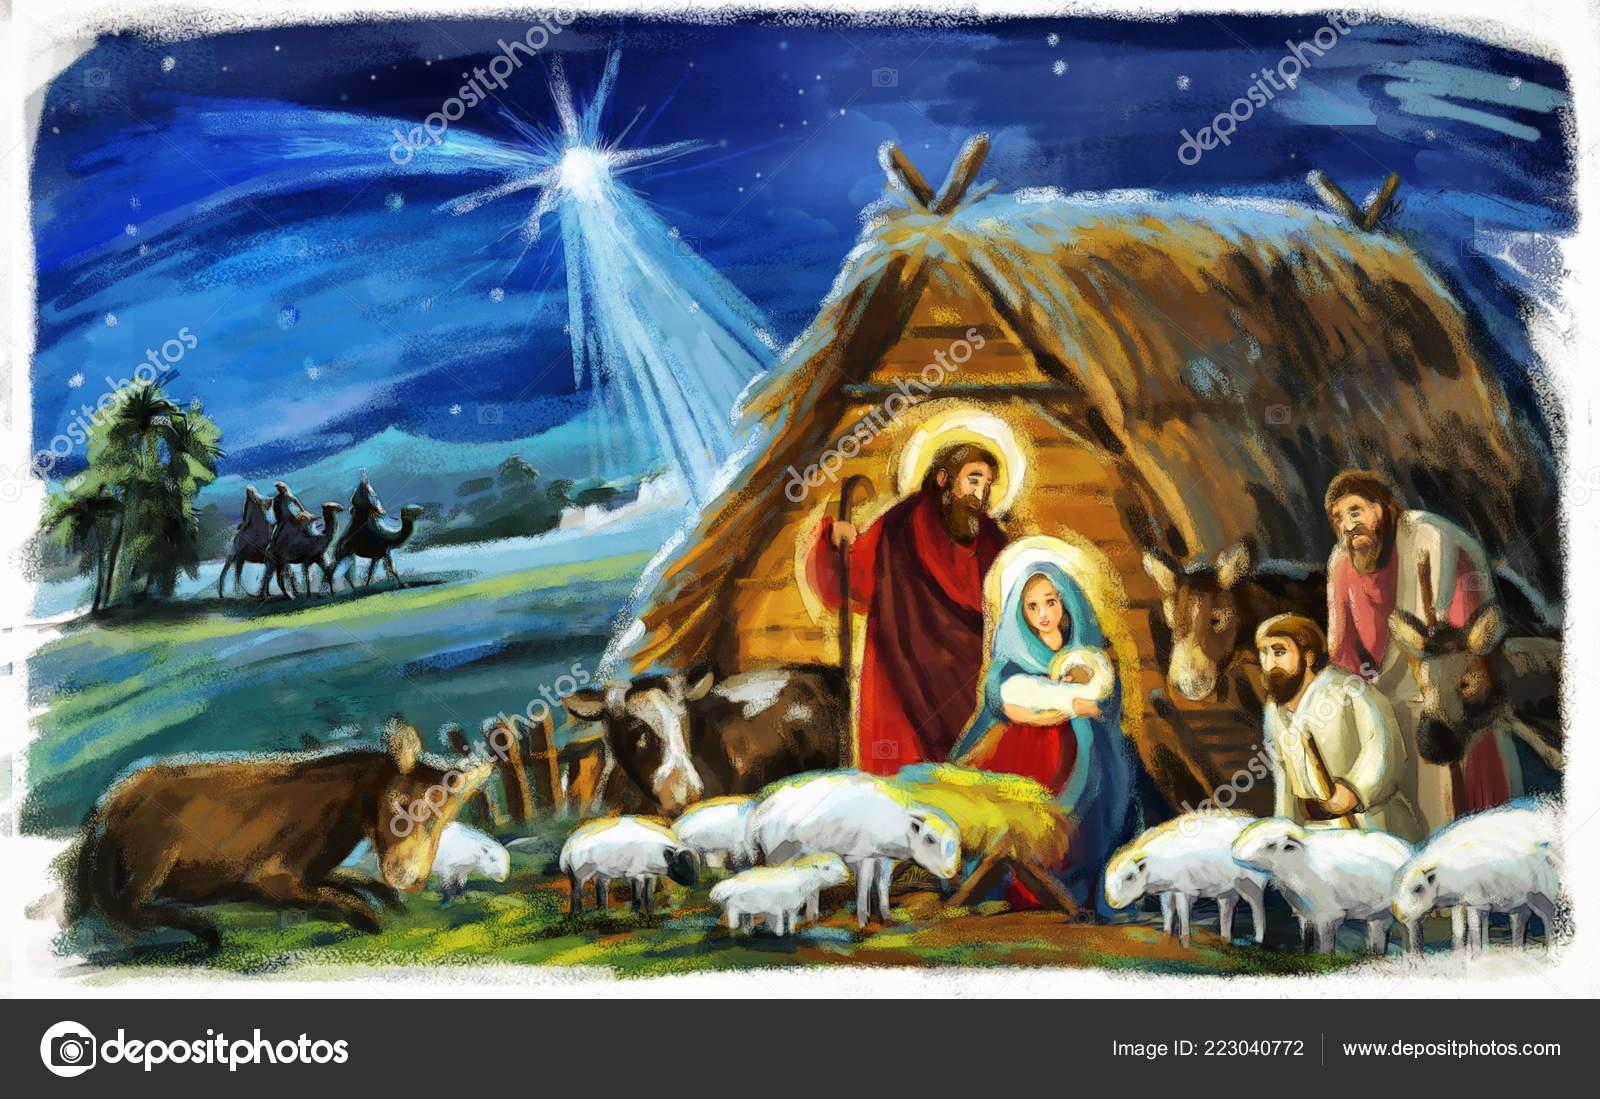 Imagenes Sagrada Familia Navidad.Escena Navidad Tradicional Con Sagrada Familia Tres Reyes